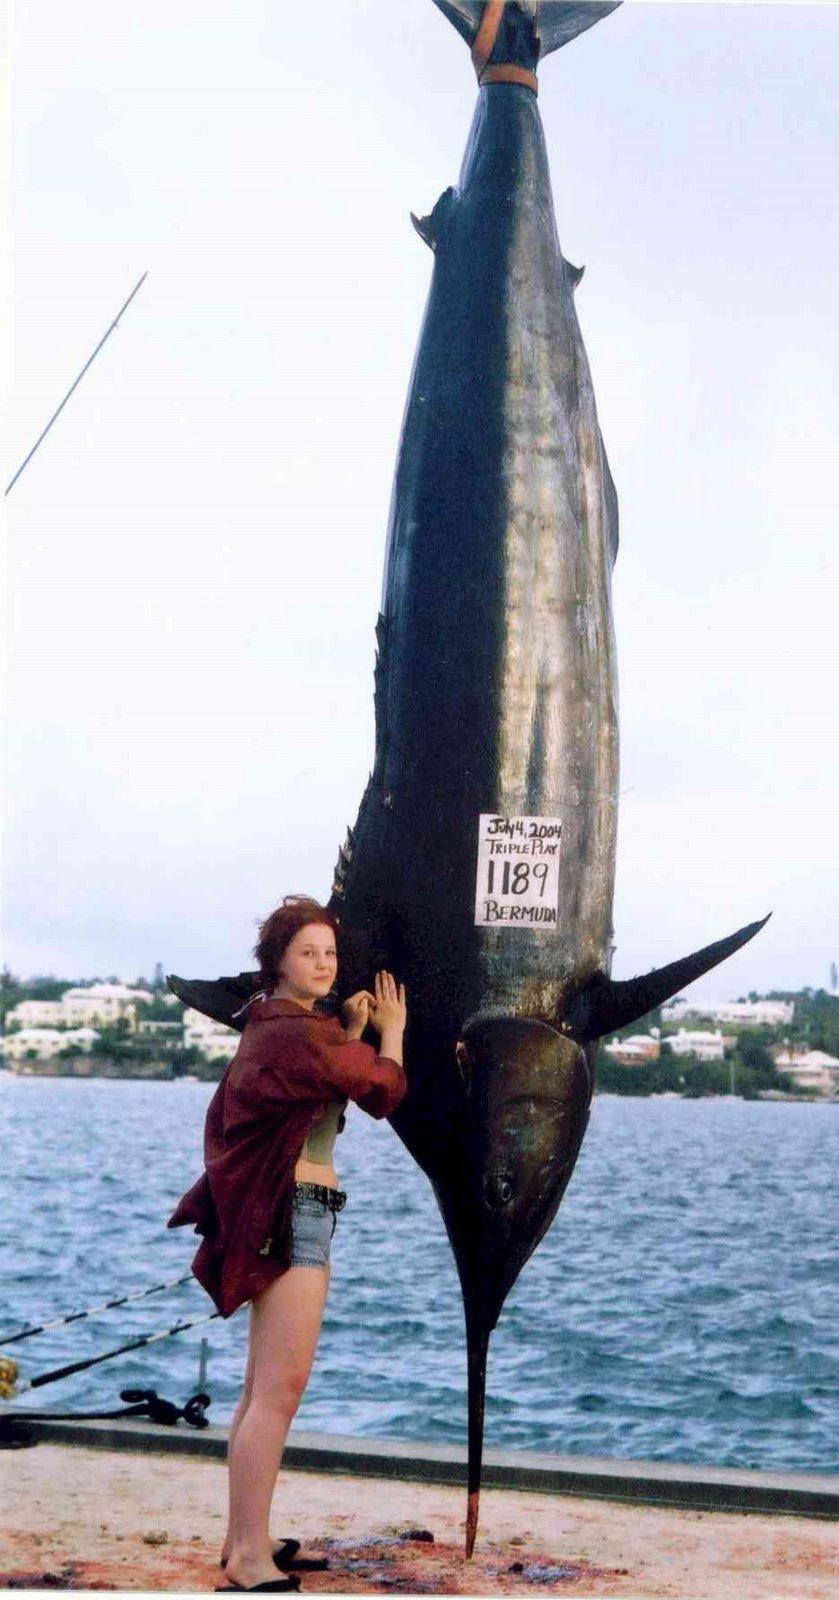 http://3.bp.blogspot.com/_TSvly6B1EI0/R1OQhfHIsKI/AAAAAAAAAbg/C7aAt1duLwQ/s1600-R/marlin_enorme.jpg